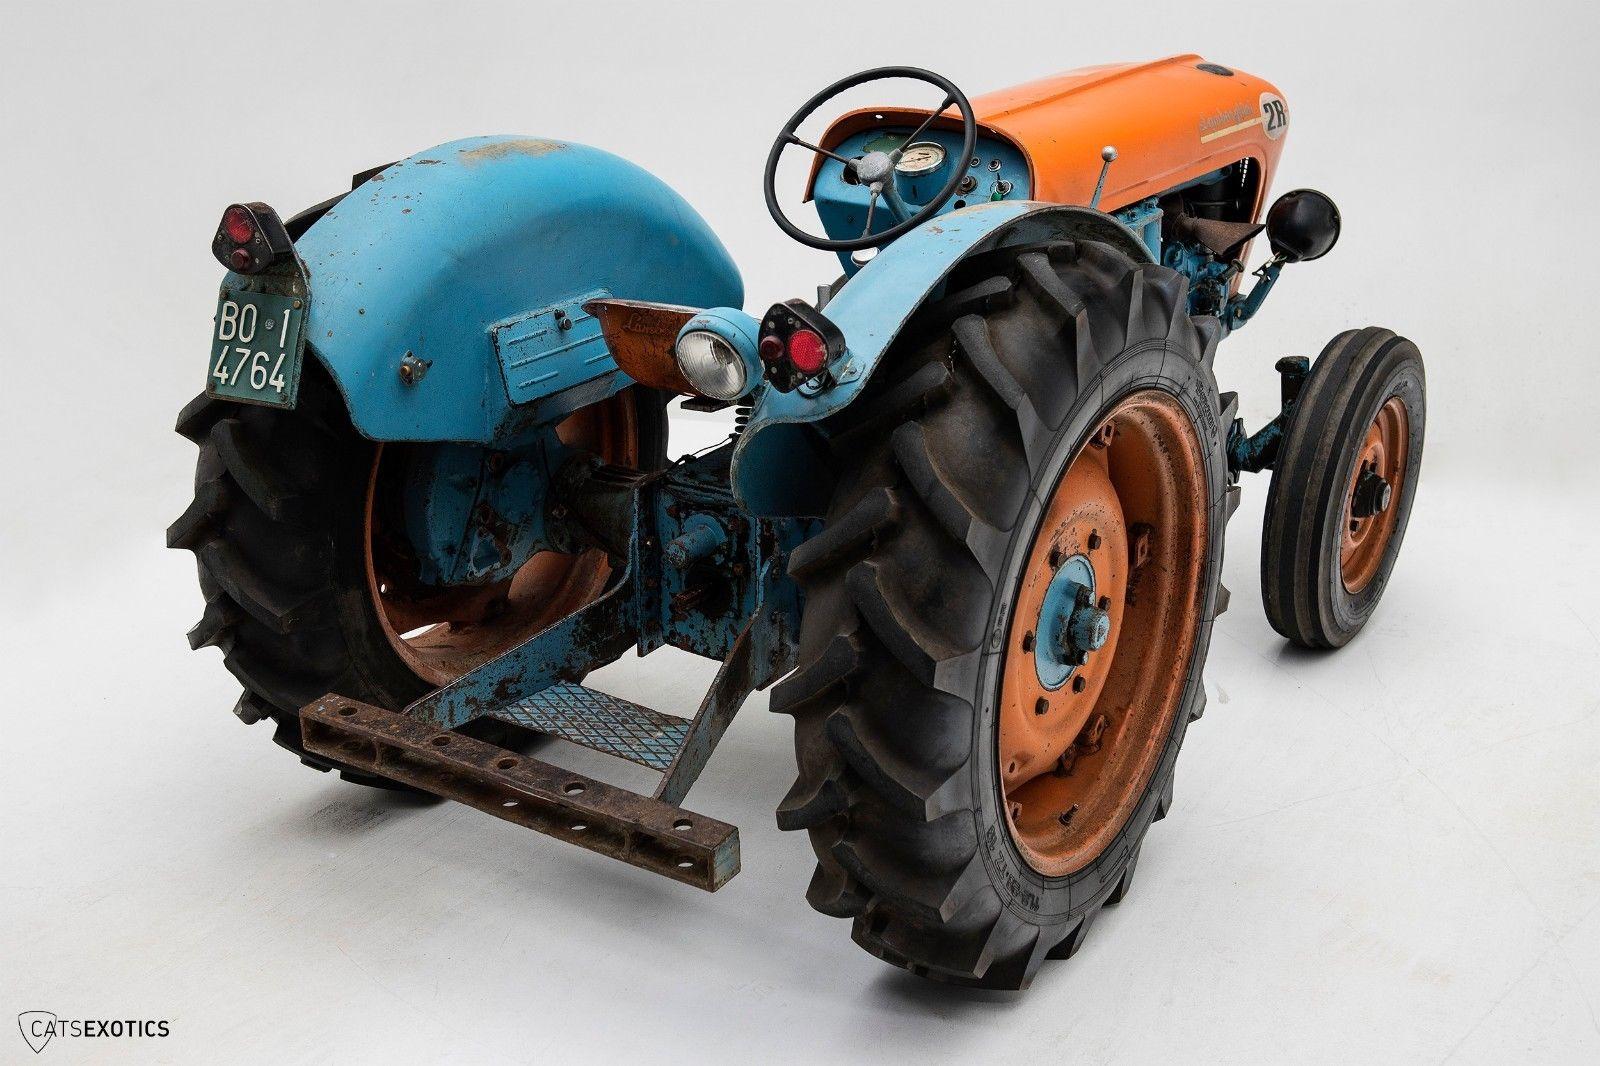 Lamborghini 2R tractor 1964 barnfind for sale (3)